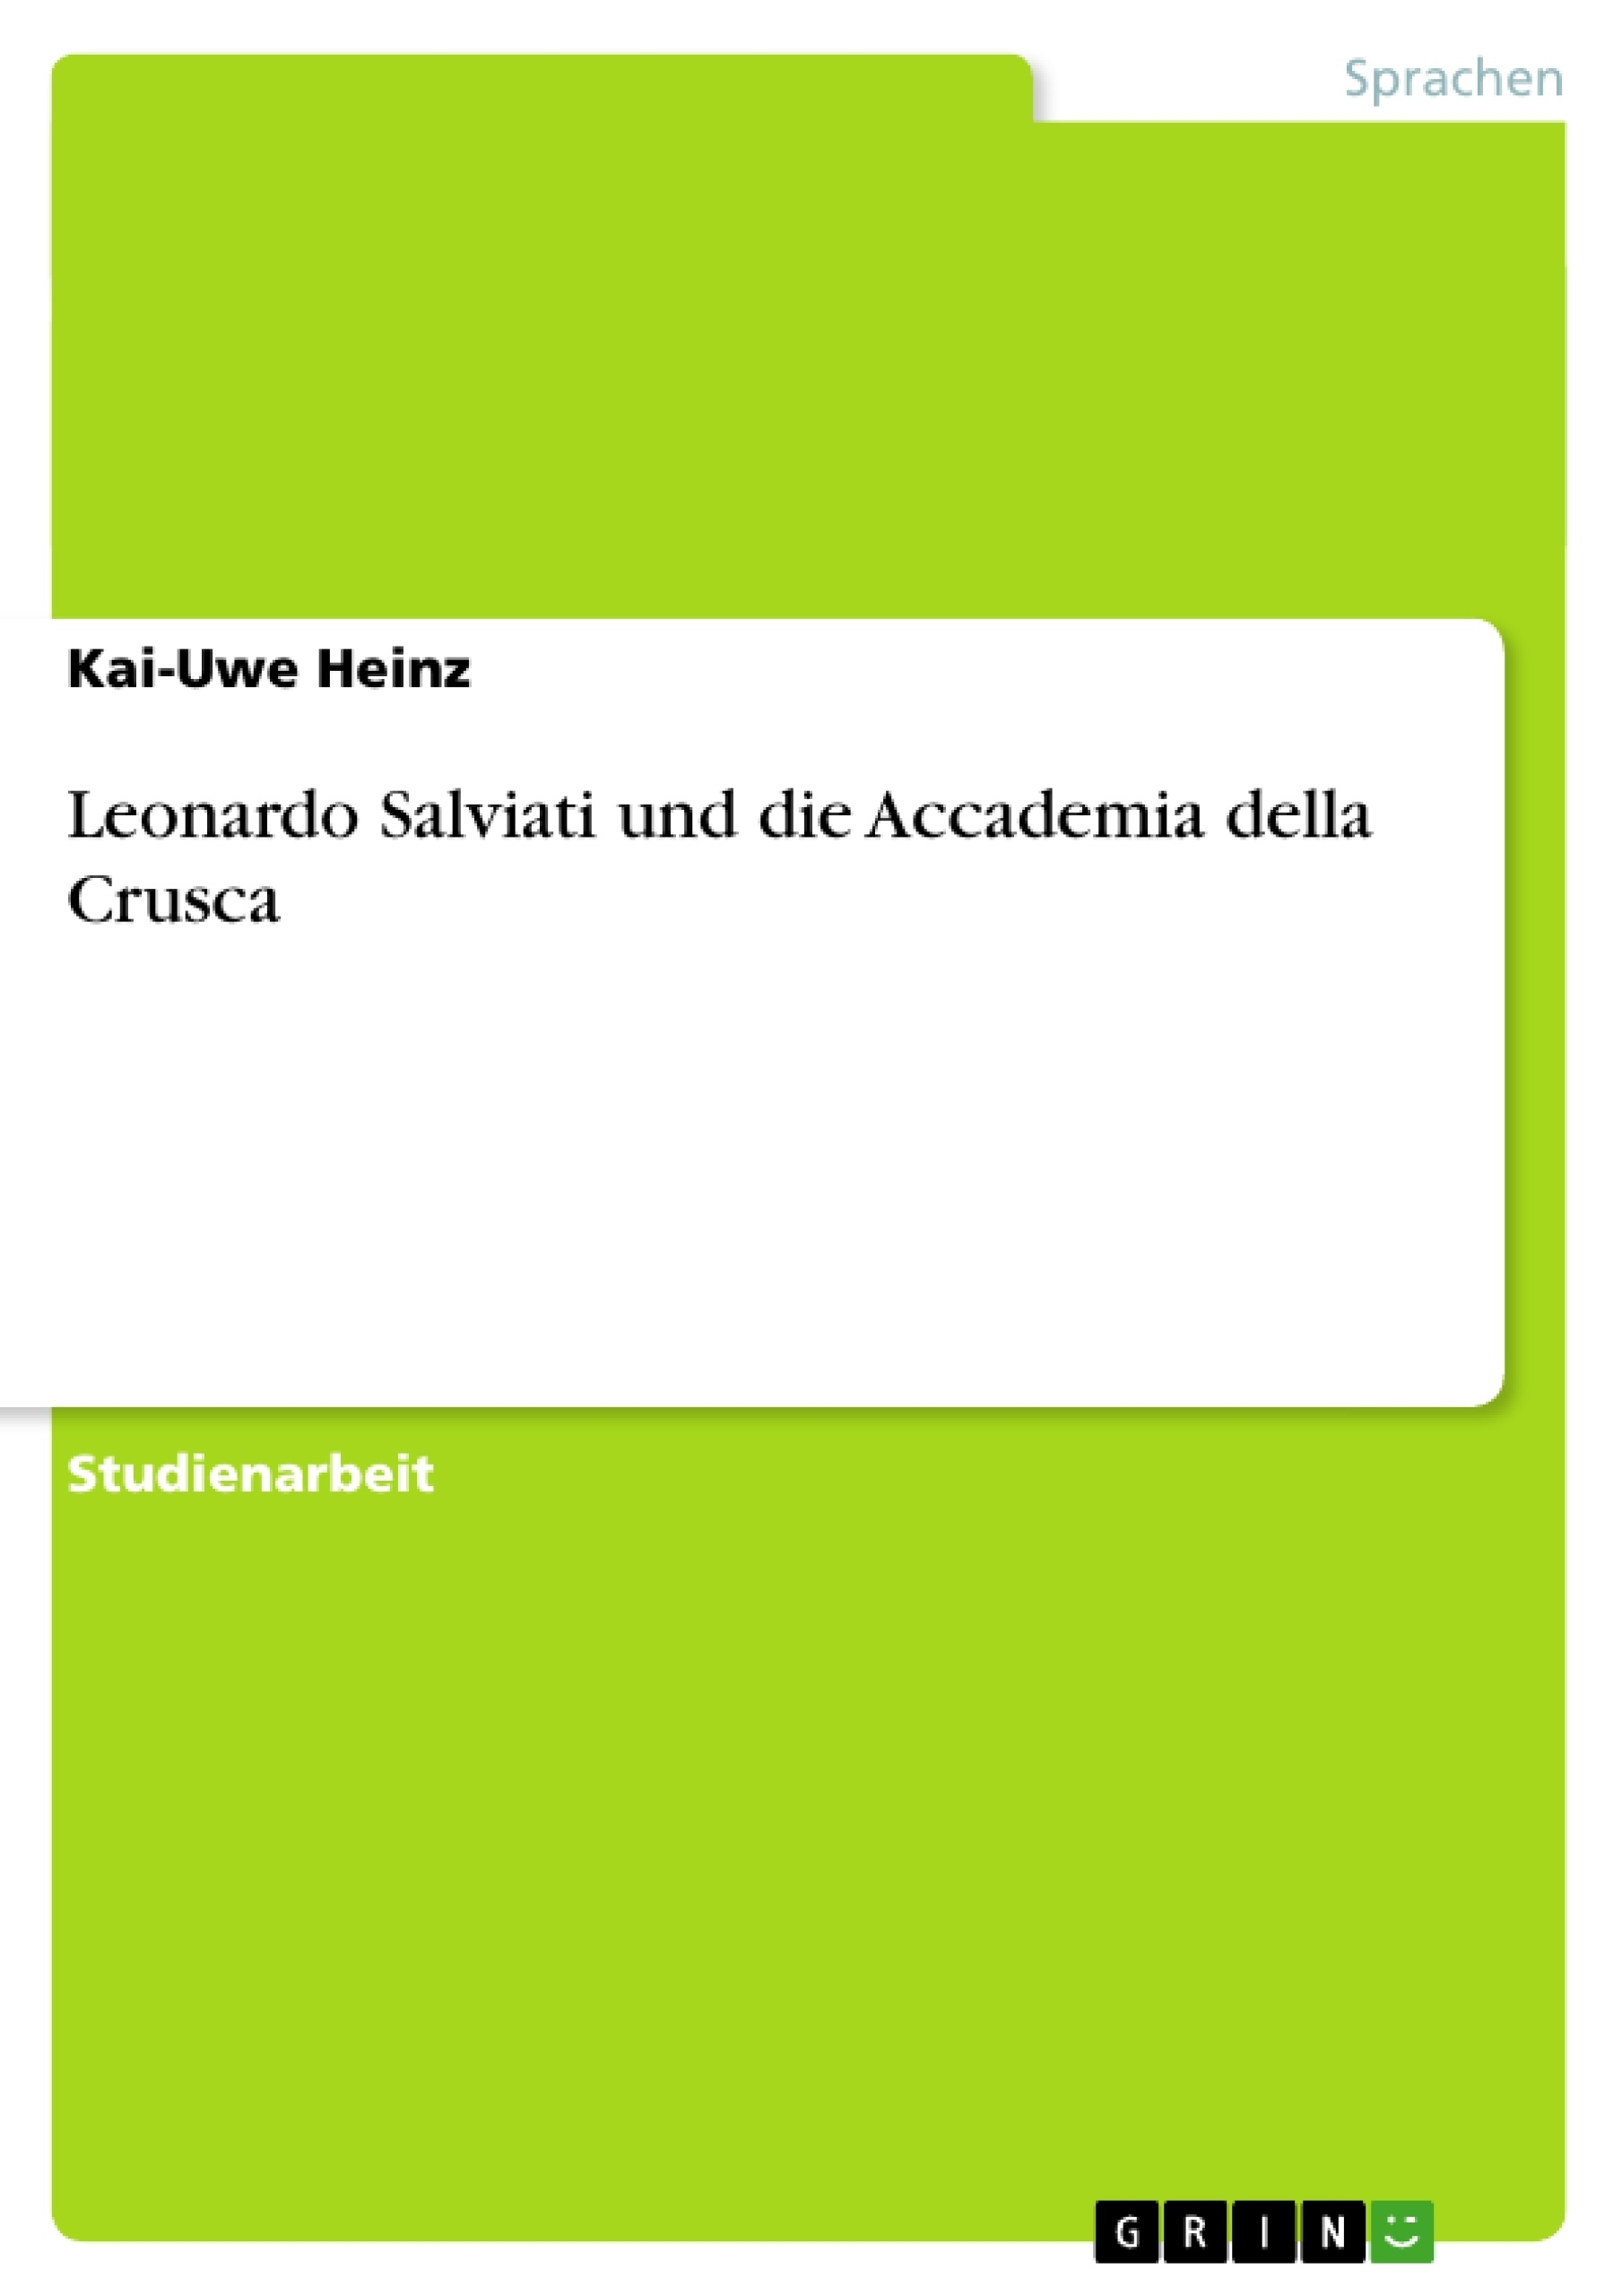 Titel: Leonardo Salviati und die Accademia della Crusca